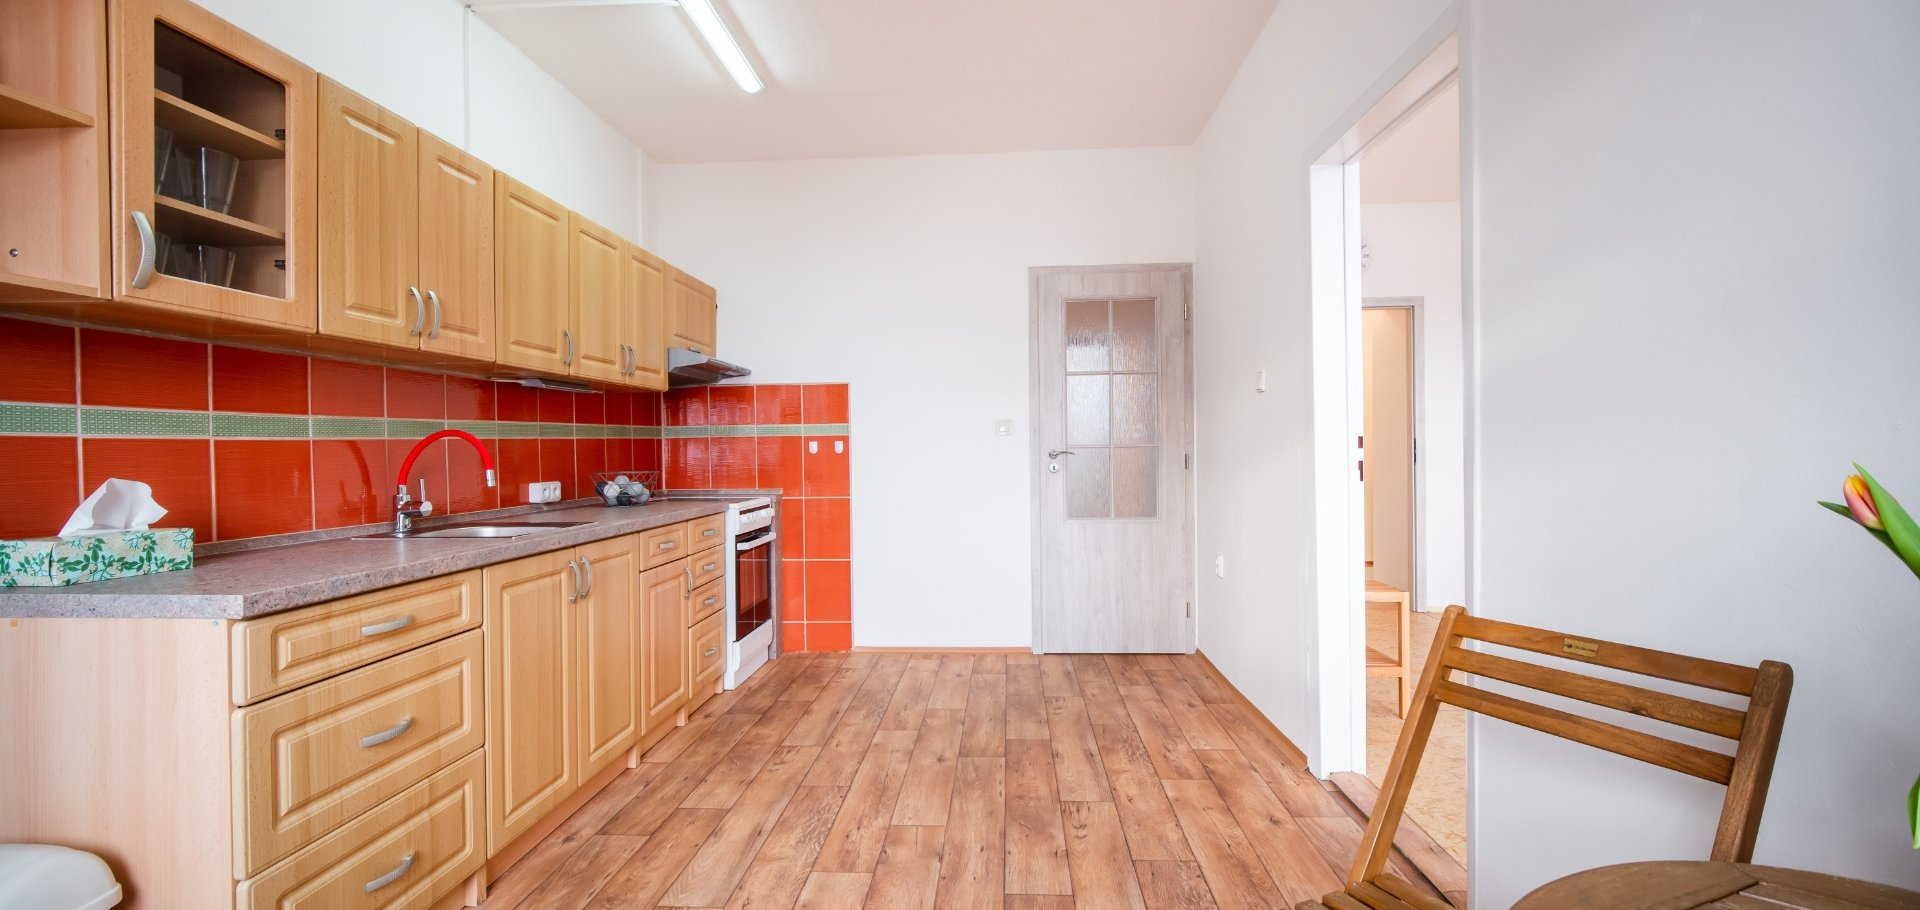 Prodej světlého bytu 3+1, 75m² s prosklenou lodžií